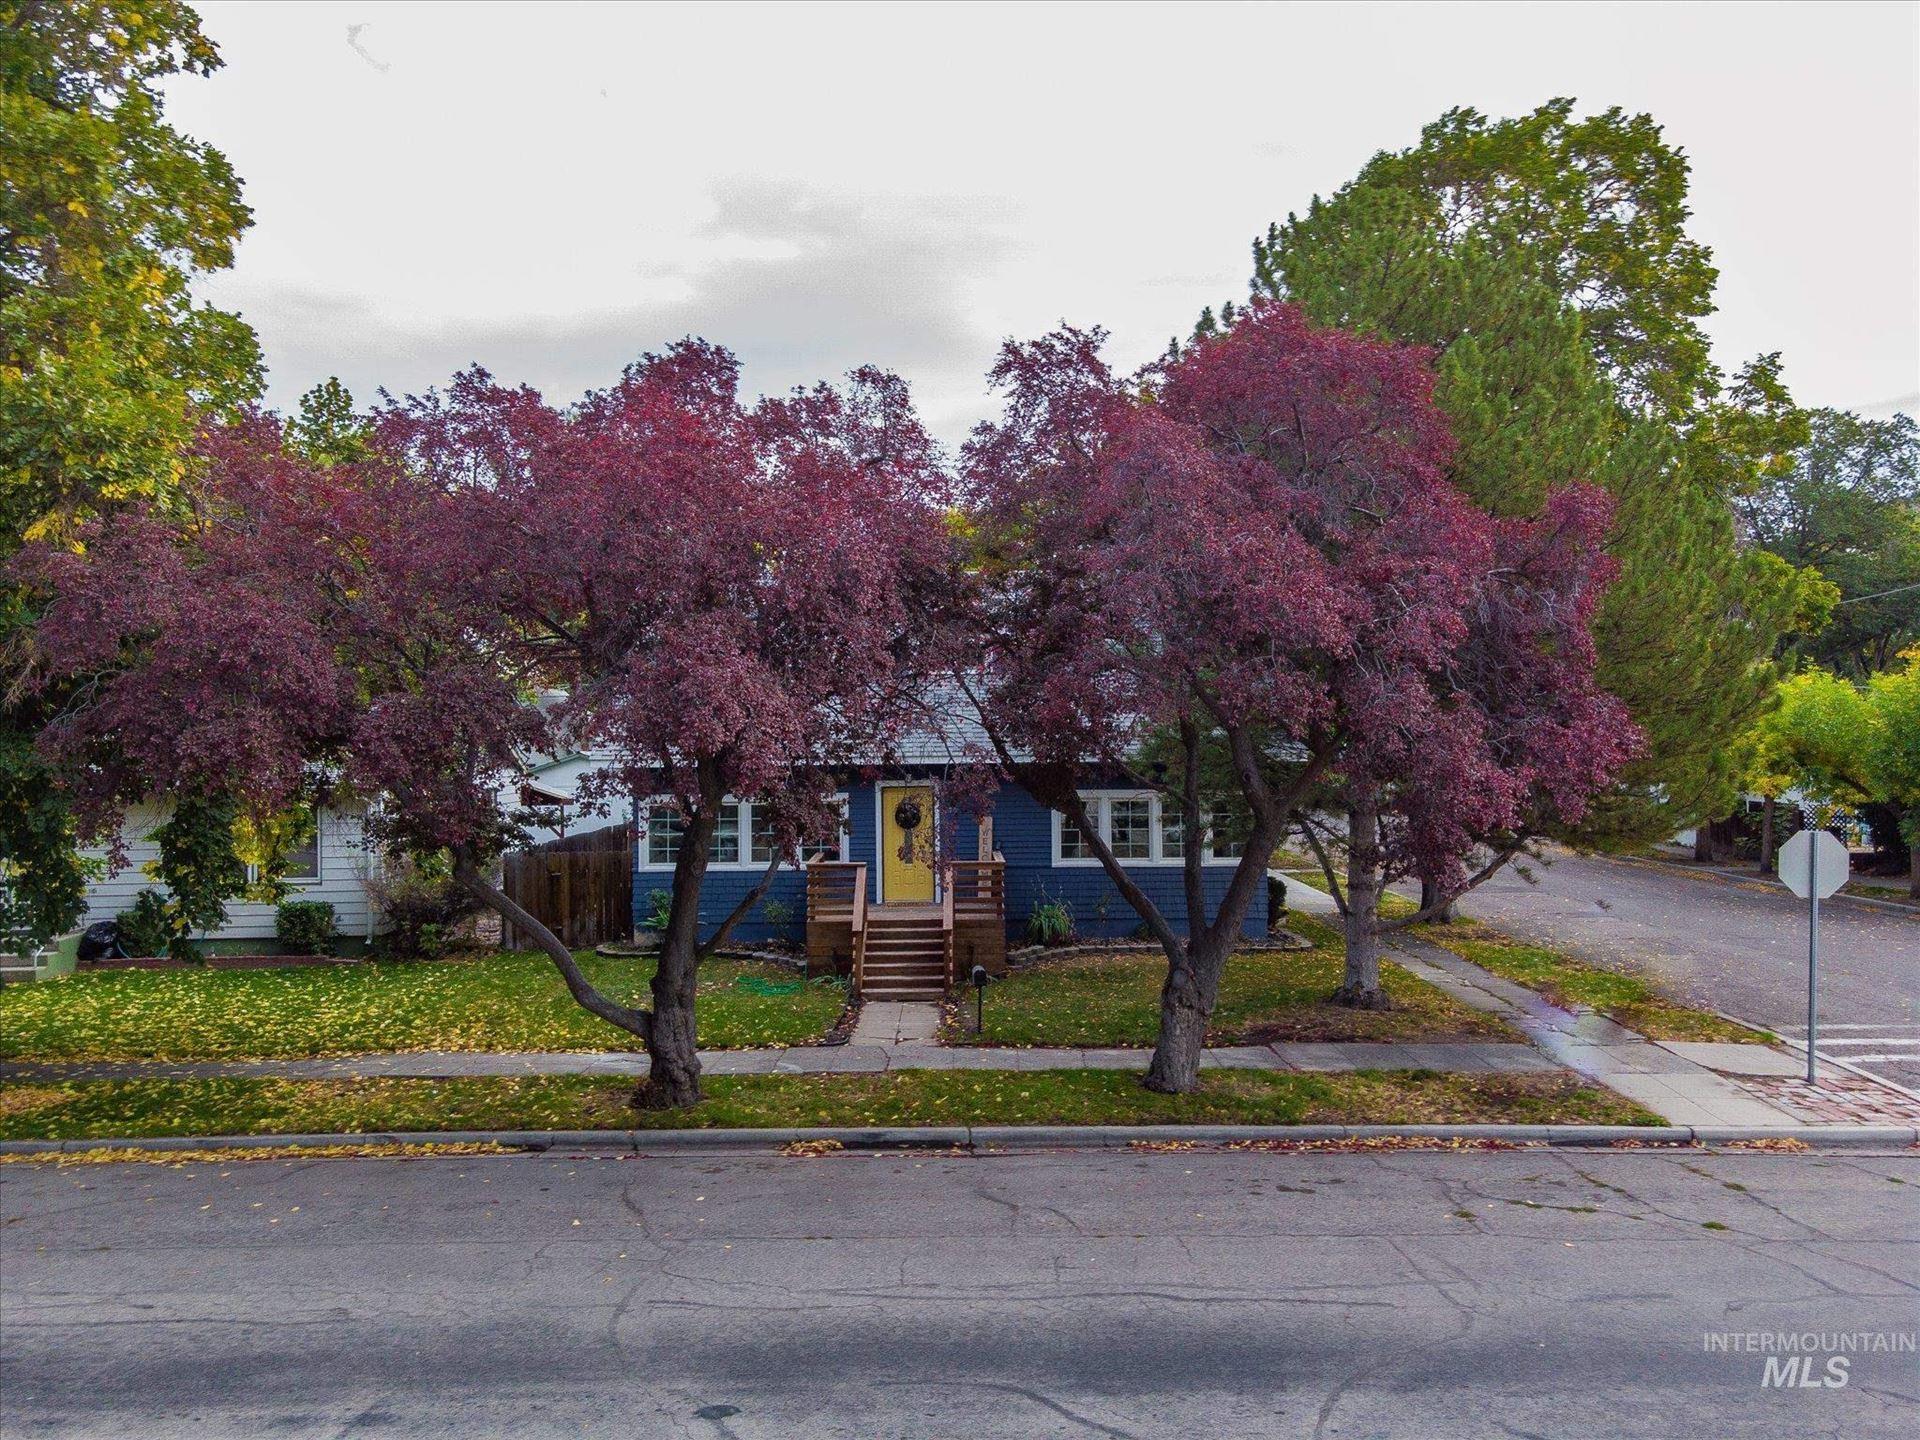 390 S 3rd E, Mountain Home, ID 83647 - MLS#: 98821317